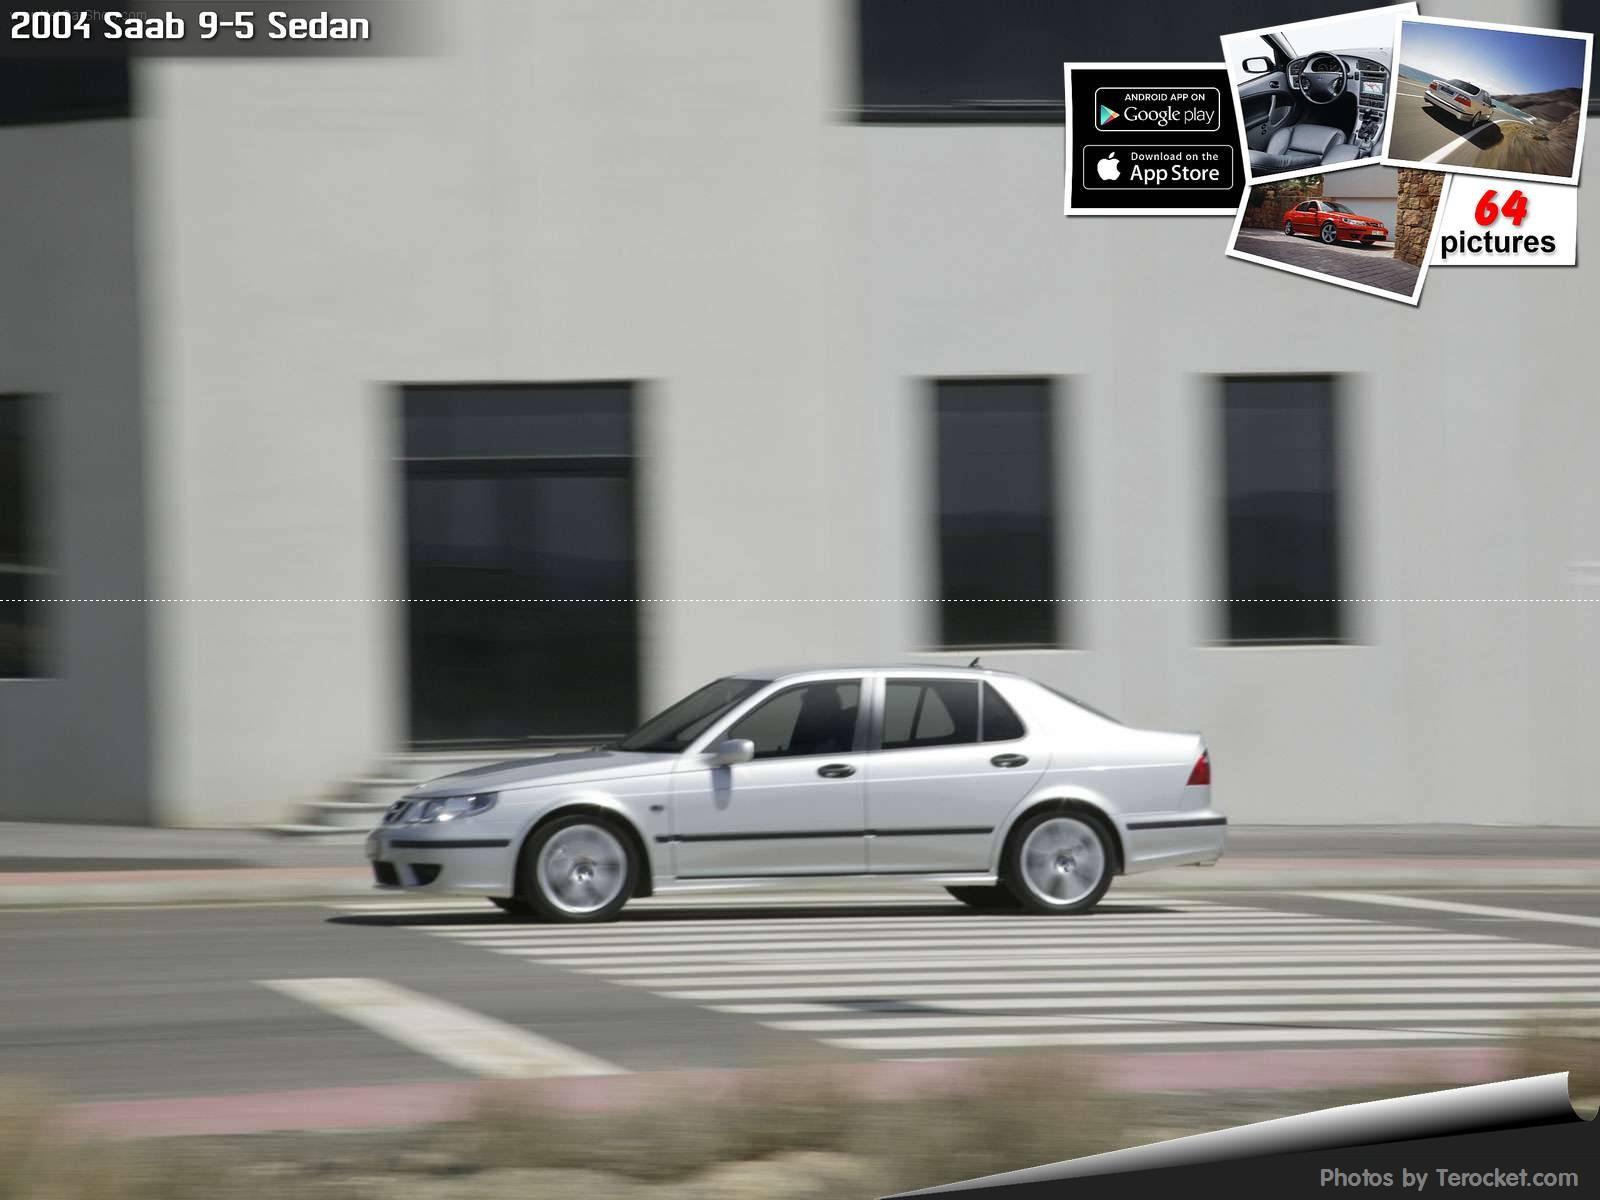 Hình ảnh xe ô tô Saab 9-5 Sedan 2004 & nội ngoại thất